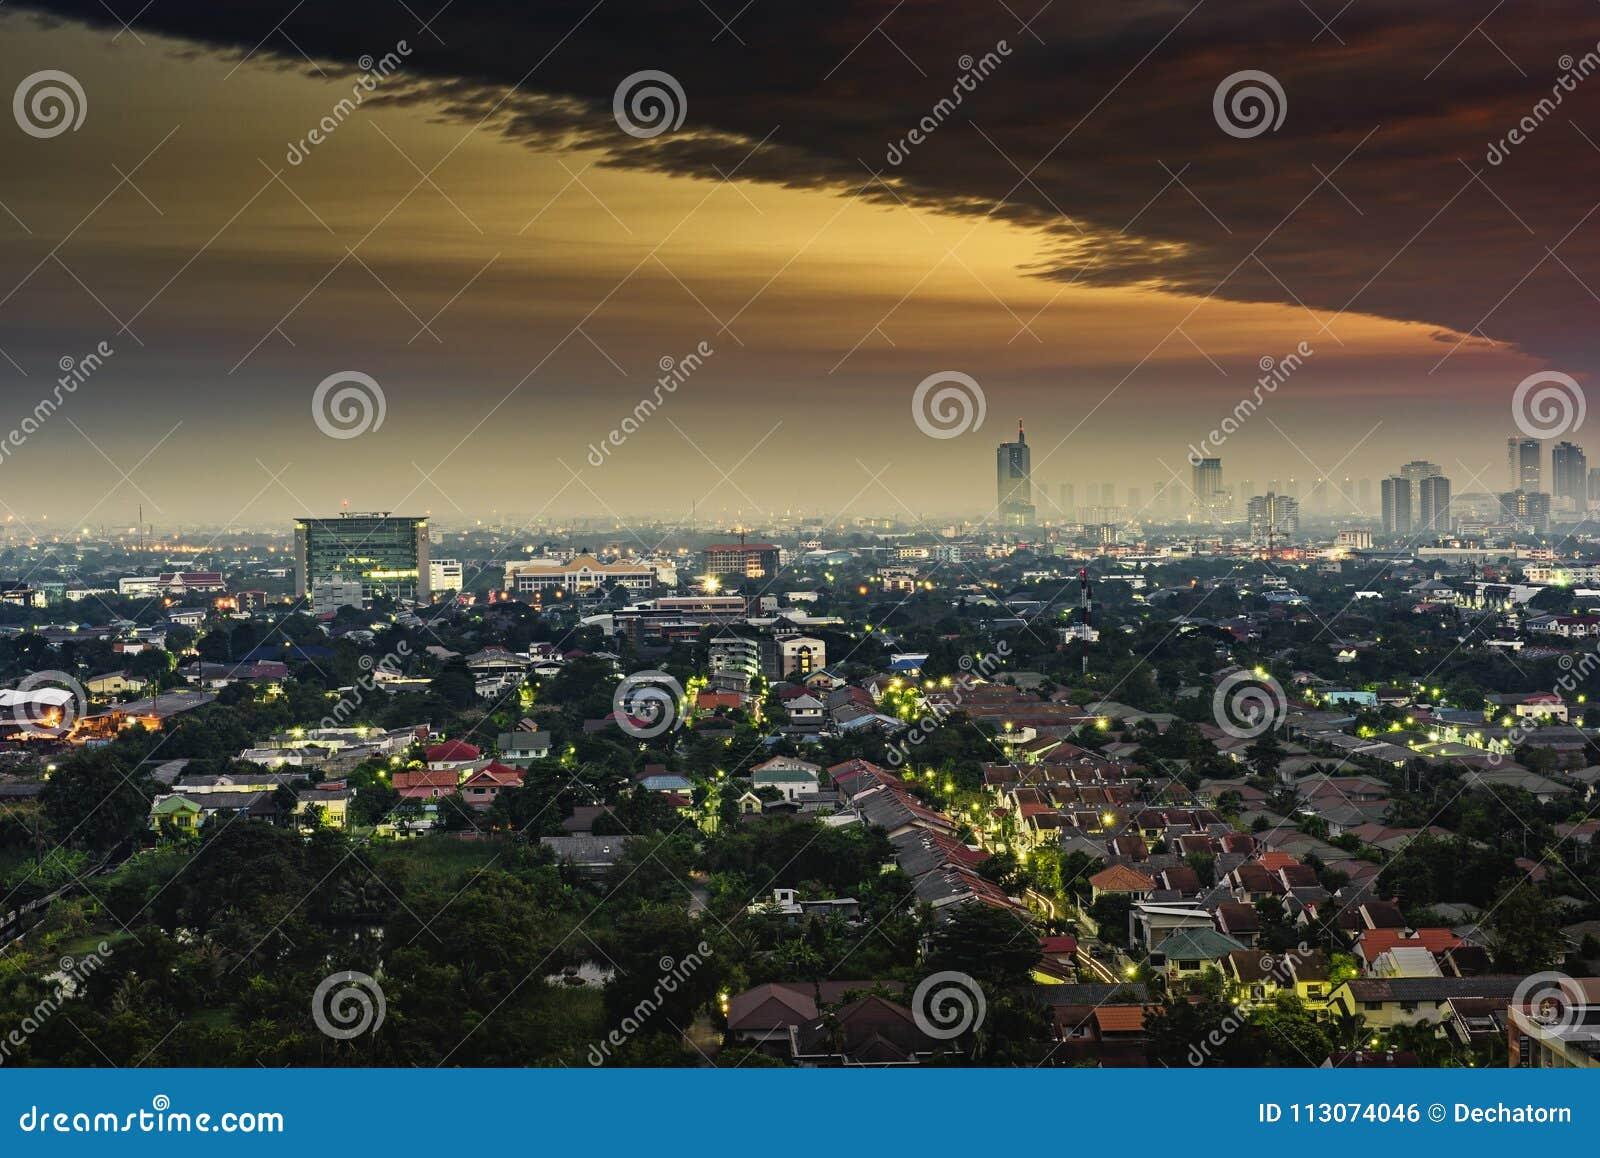 Vogelperspektive von Stadtbild in der goldenen Stunde